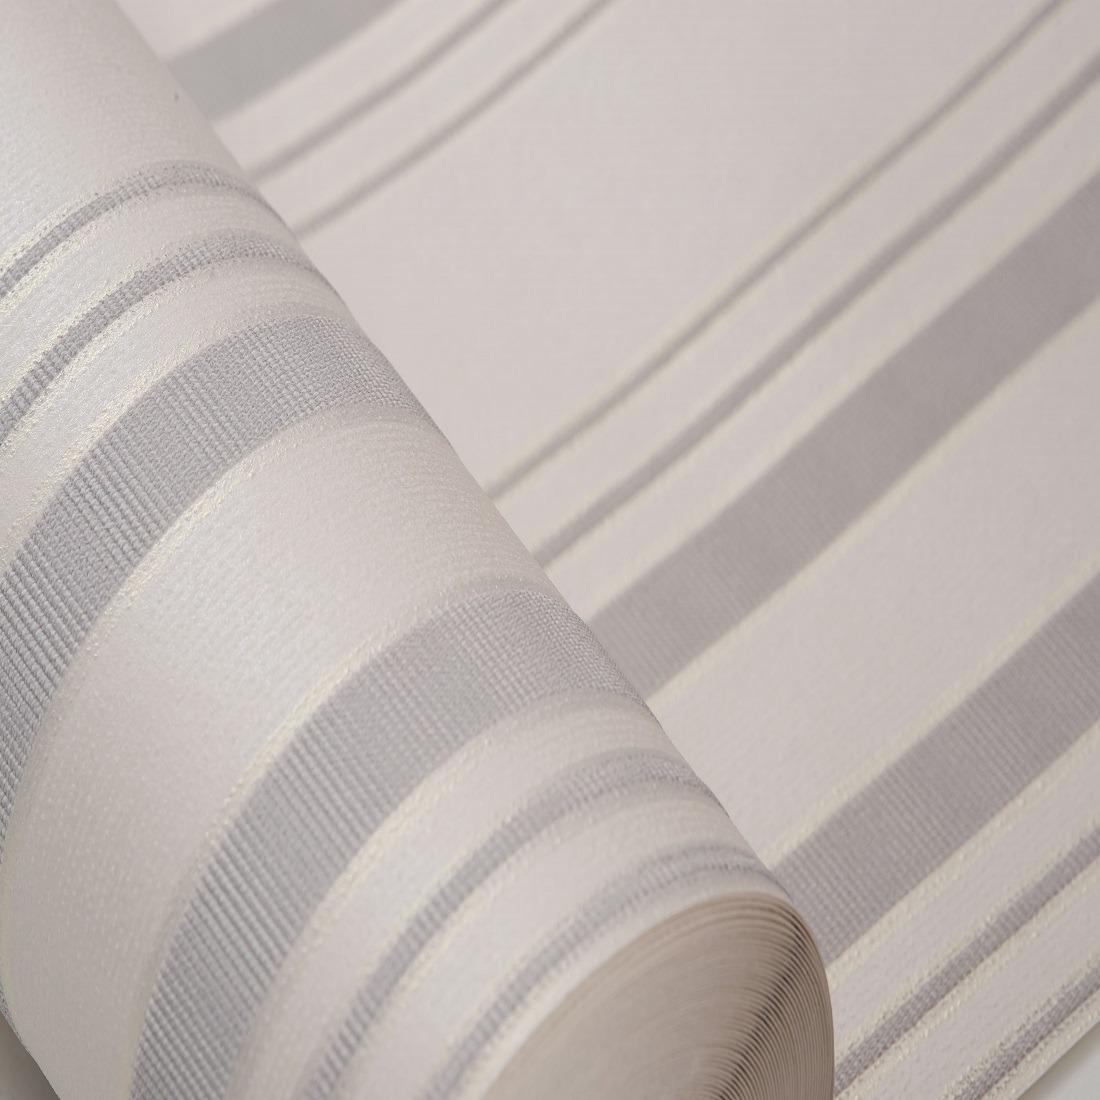 32f699d89 papel de parede listrado alto relevo - pp274-1. Carregando zoom.